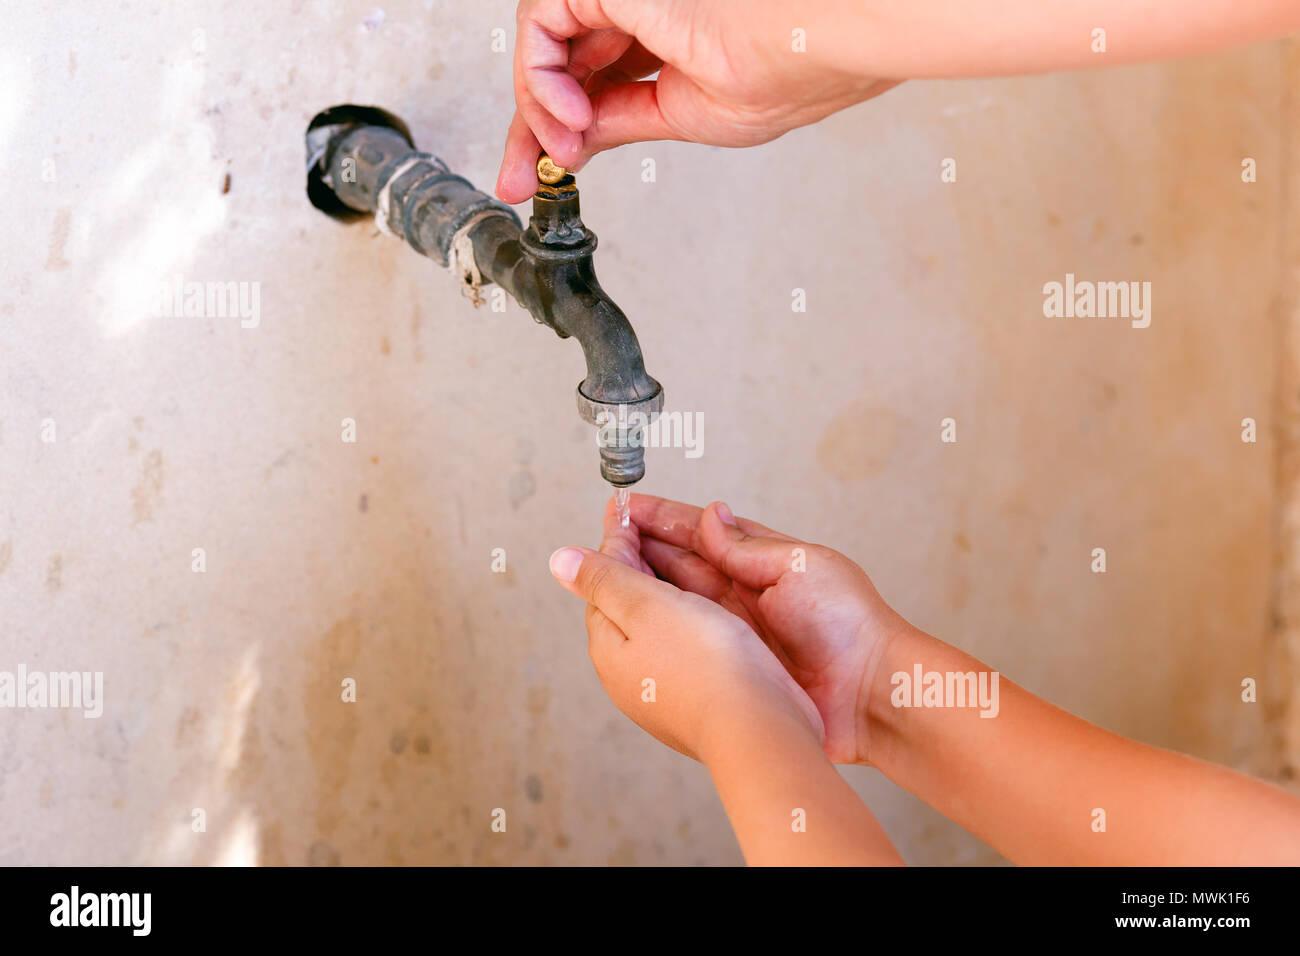 Main femme ouvrir un robinet d'eau et de l'enfant de laver ses mains. Close-up. Photo Stock